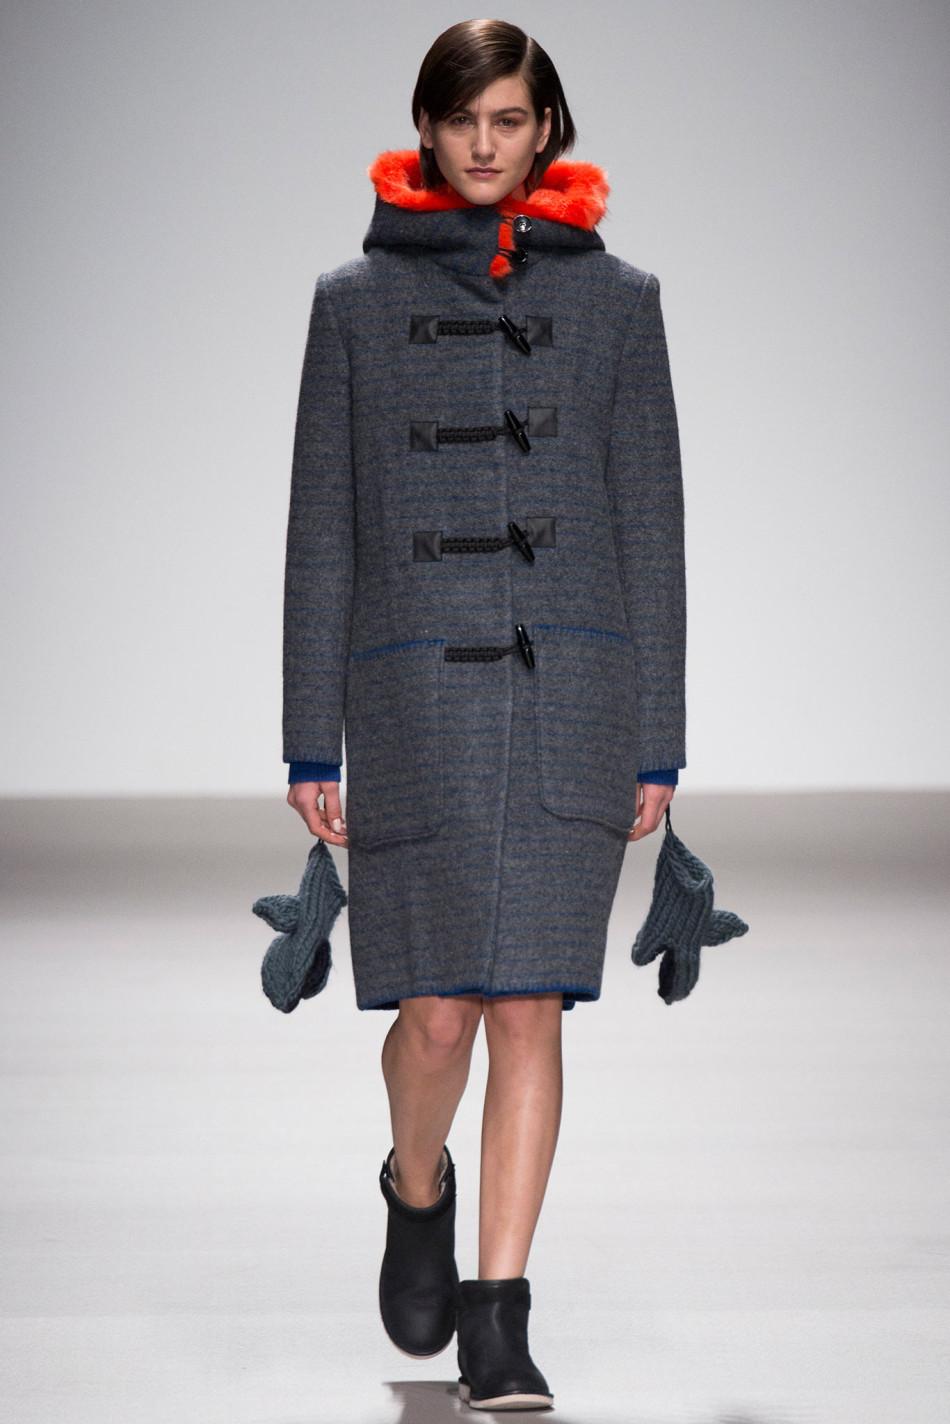 伦敦时装 2015秋冬时装周 克里斯托弗・里博 Christopher Raeburn 品牌秀图片